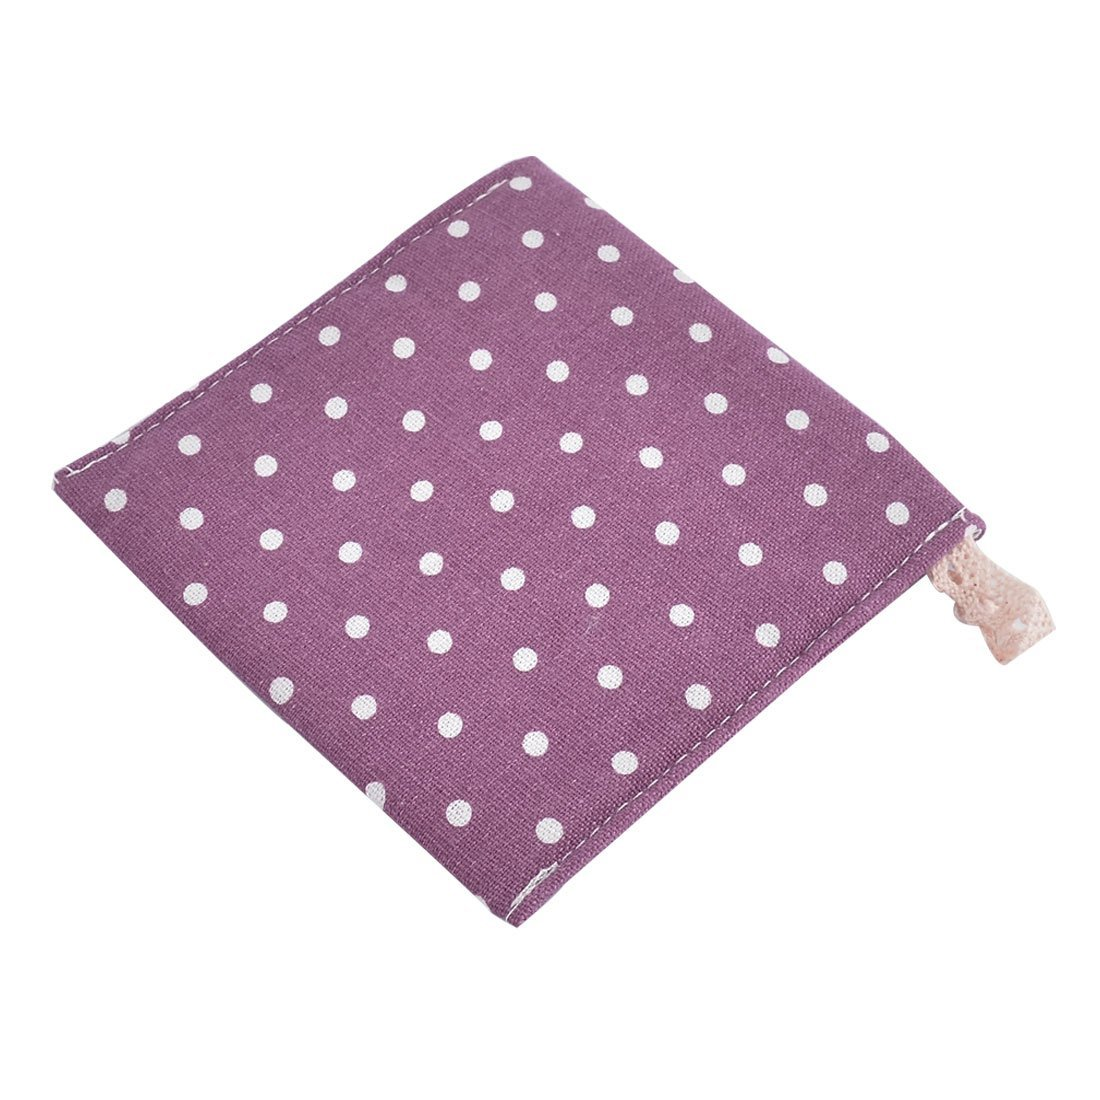 Amazon.com: eDealMax lino Puntos Botón del Modelo de cierre de la servilleta sanitaria Bolsa del bolso del cojín DE 2 piezas púrpura: Home & Kitchen